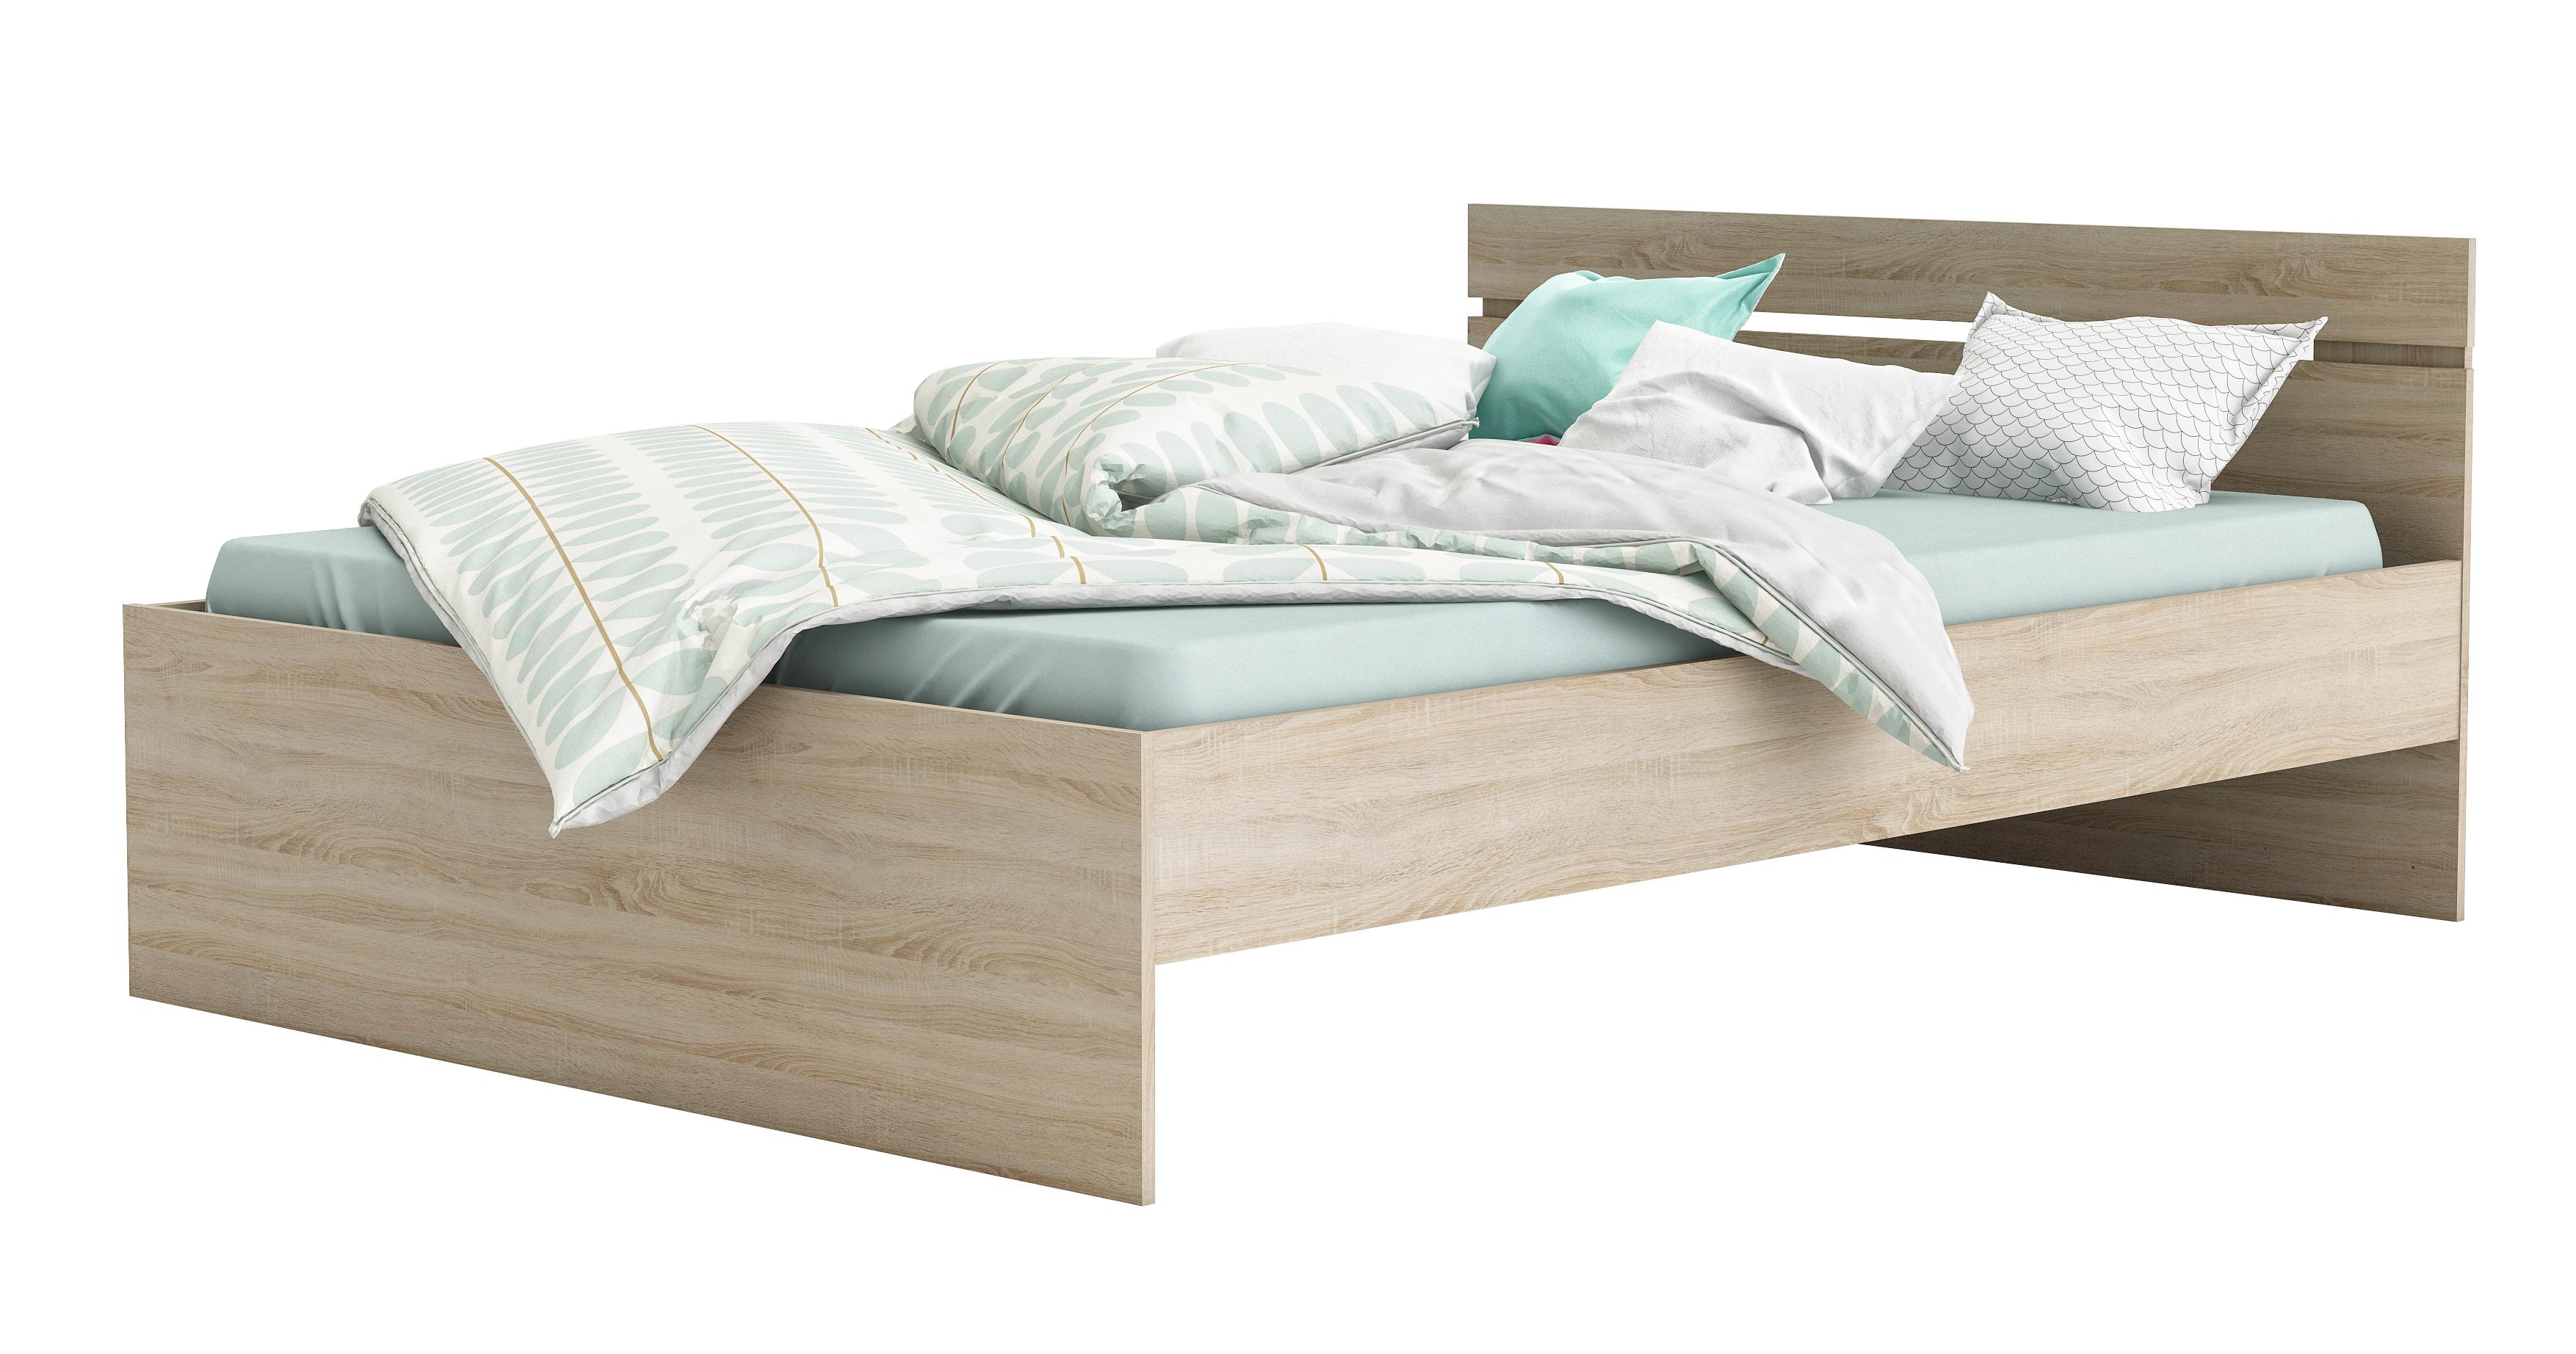 140x200 bett michigan sonoma eiche von demeyere. Black Bedroom Furniture Sets. Home Design Ideas